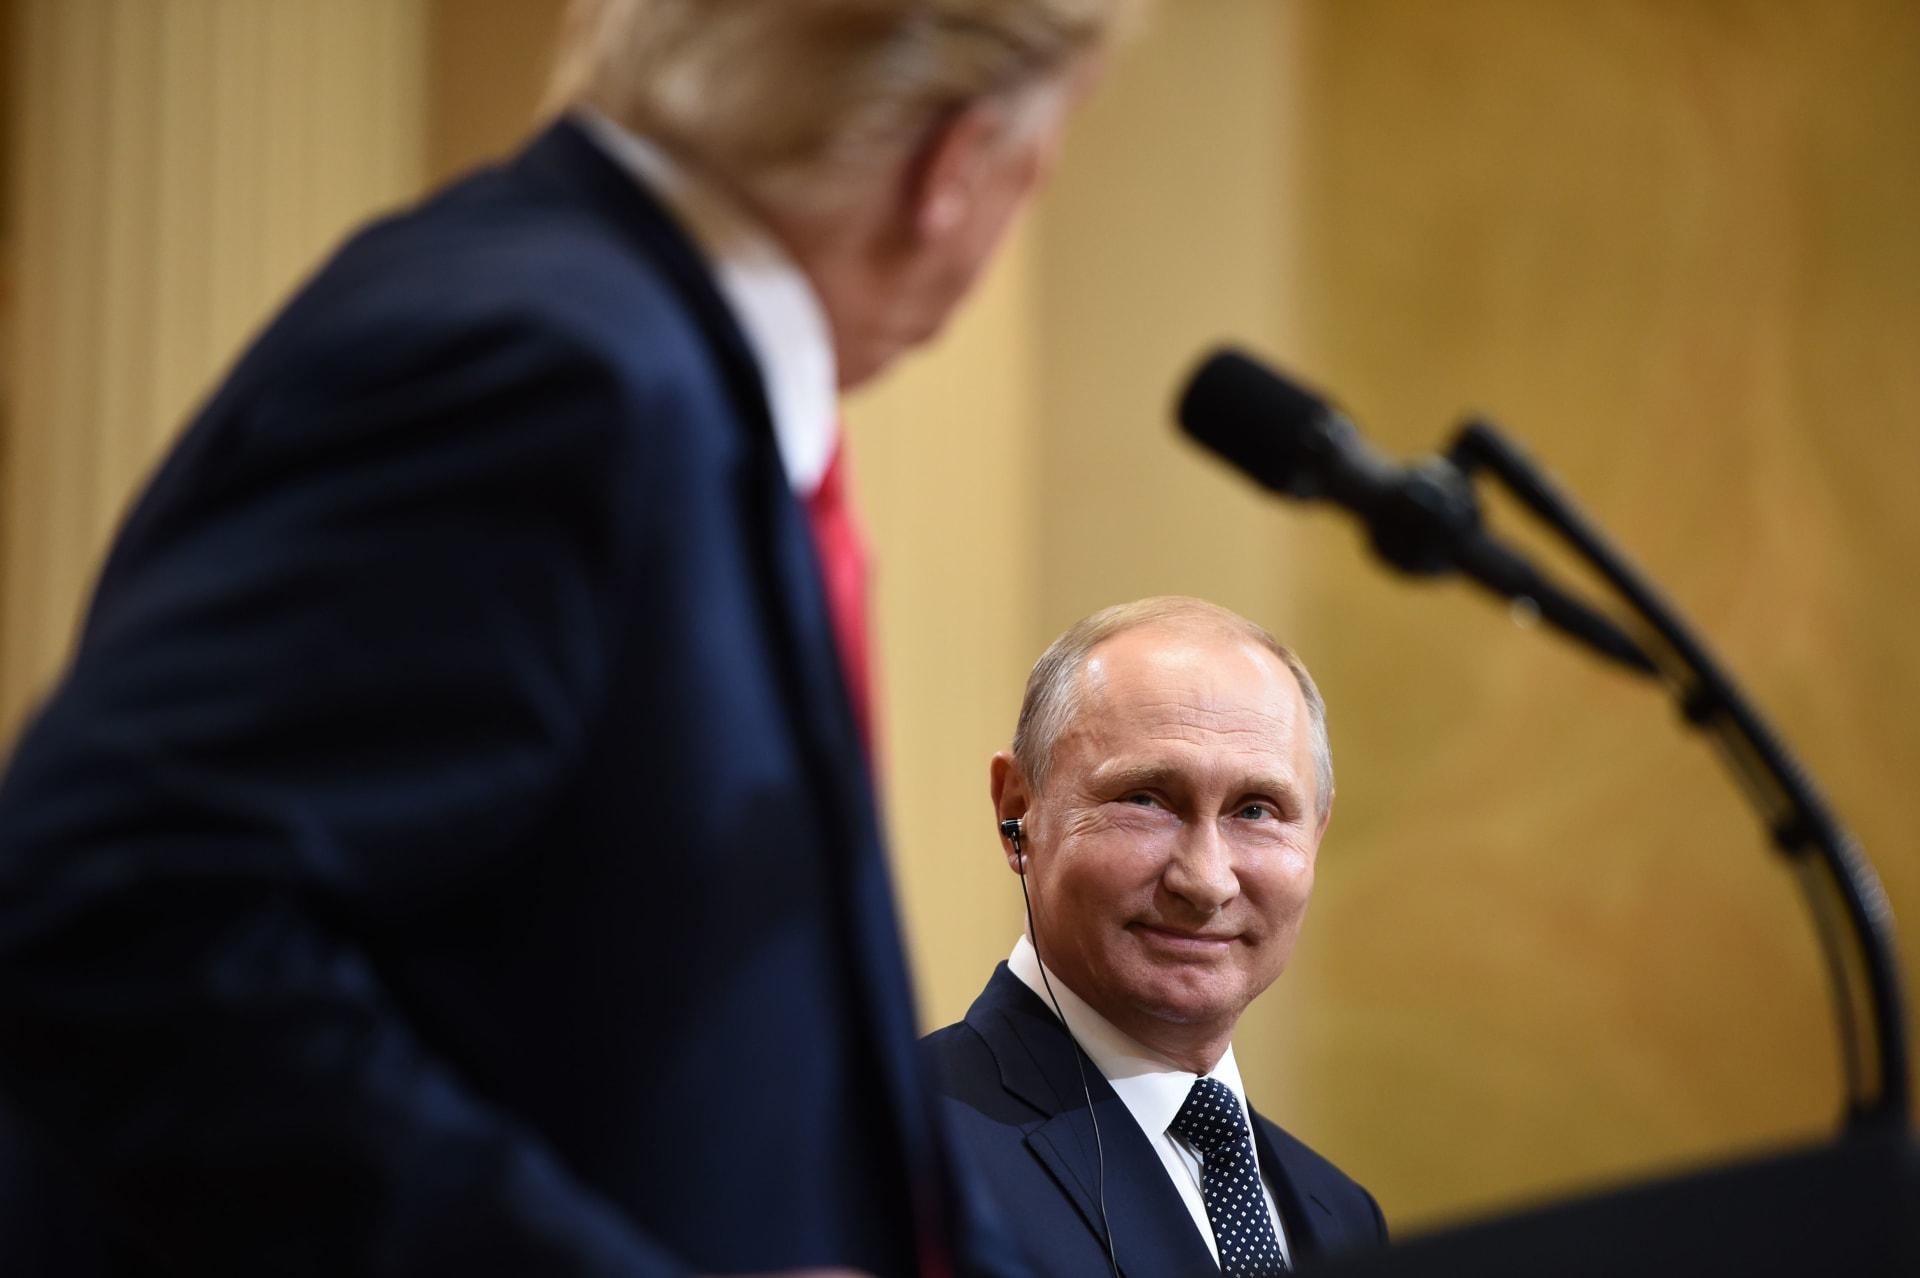 بوتين يؤيد نشر تفاصيل لقائه ترامب في قمة هلسنكي: أي محادثة يمكن أن تصبح علنية